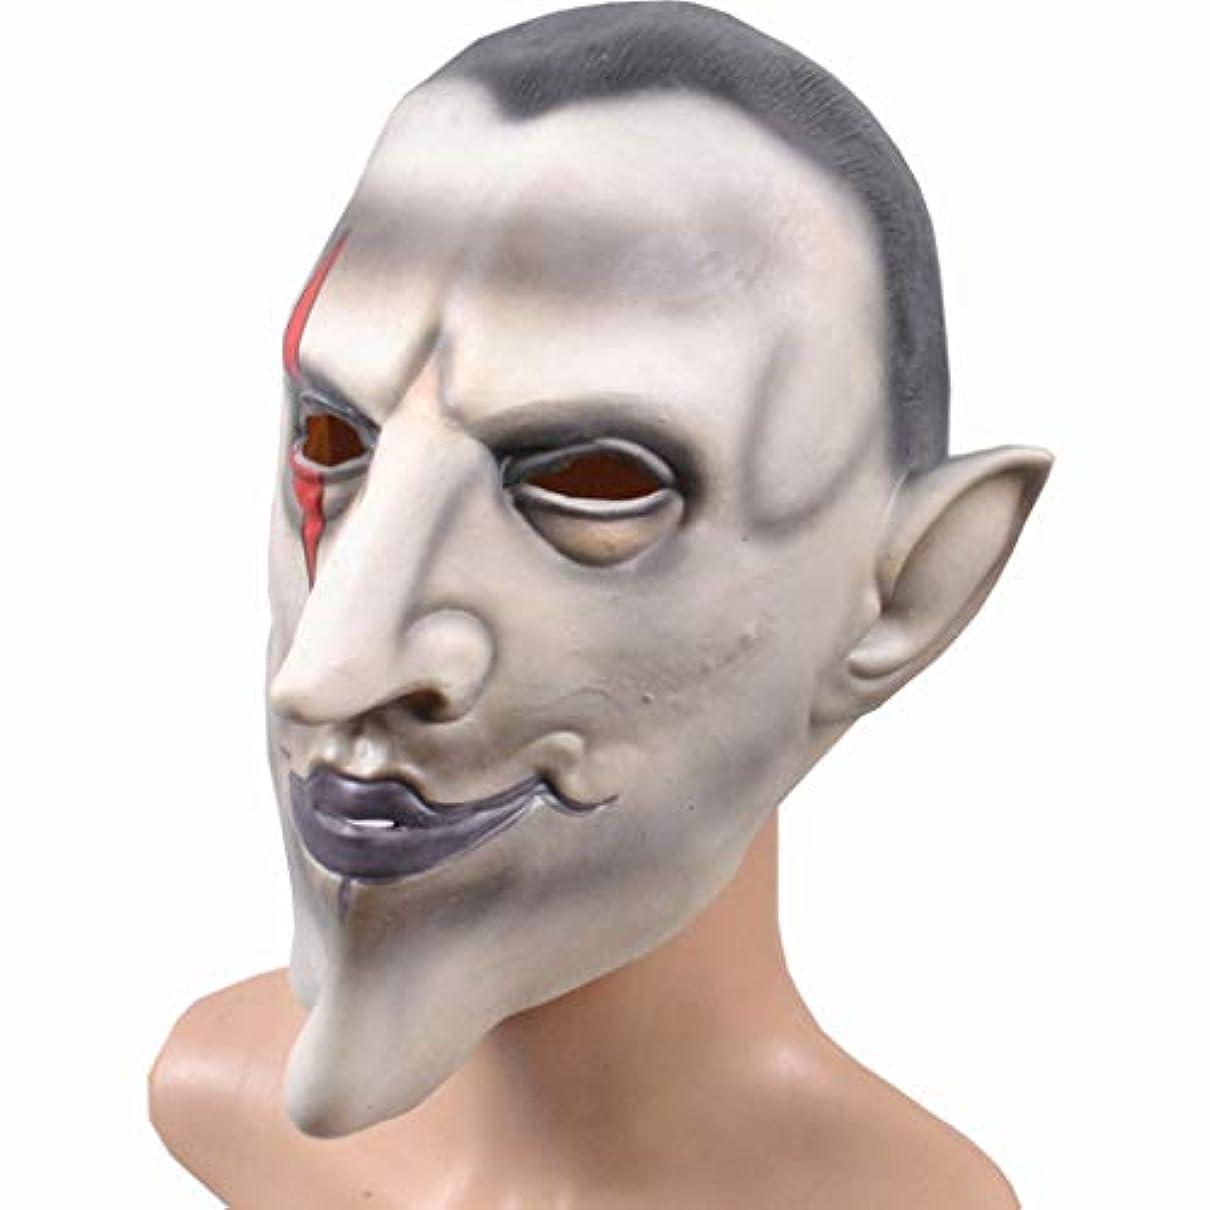 裏切り大いにペルメルハロウィーンマスク仮面舞踏会ホラーしかめっ面Whole Manホラー地獄男性アールラテックスヘッドギア